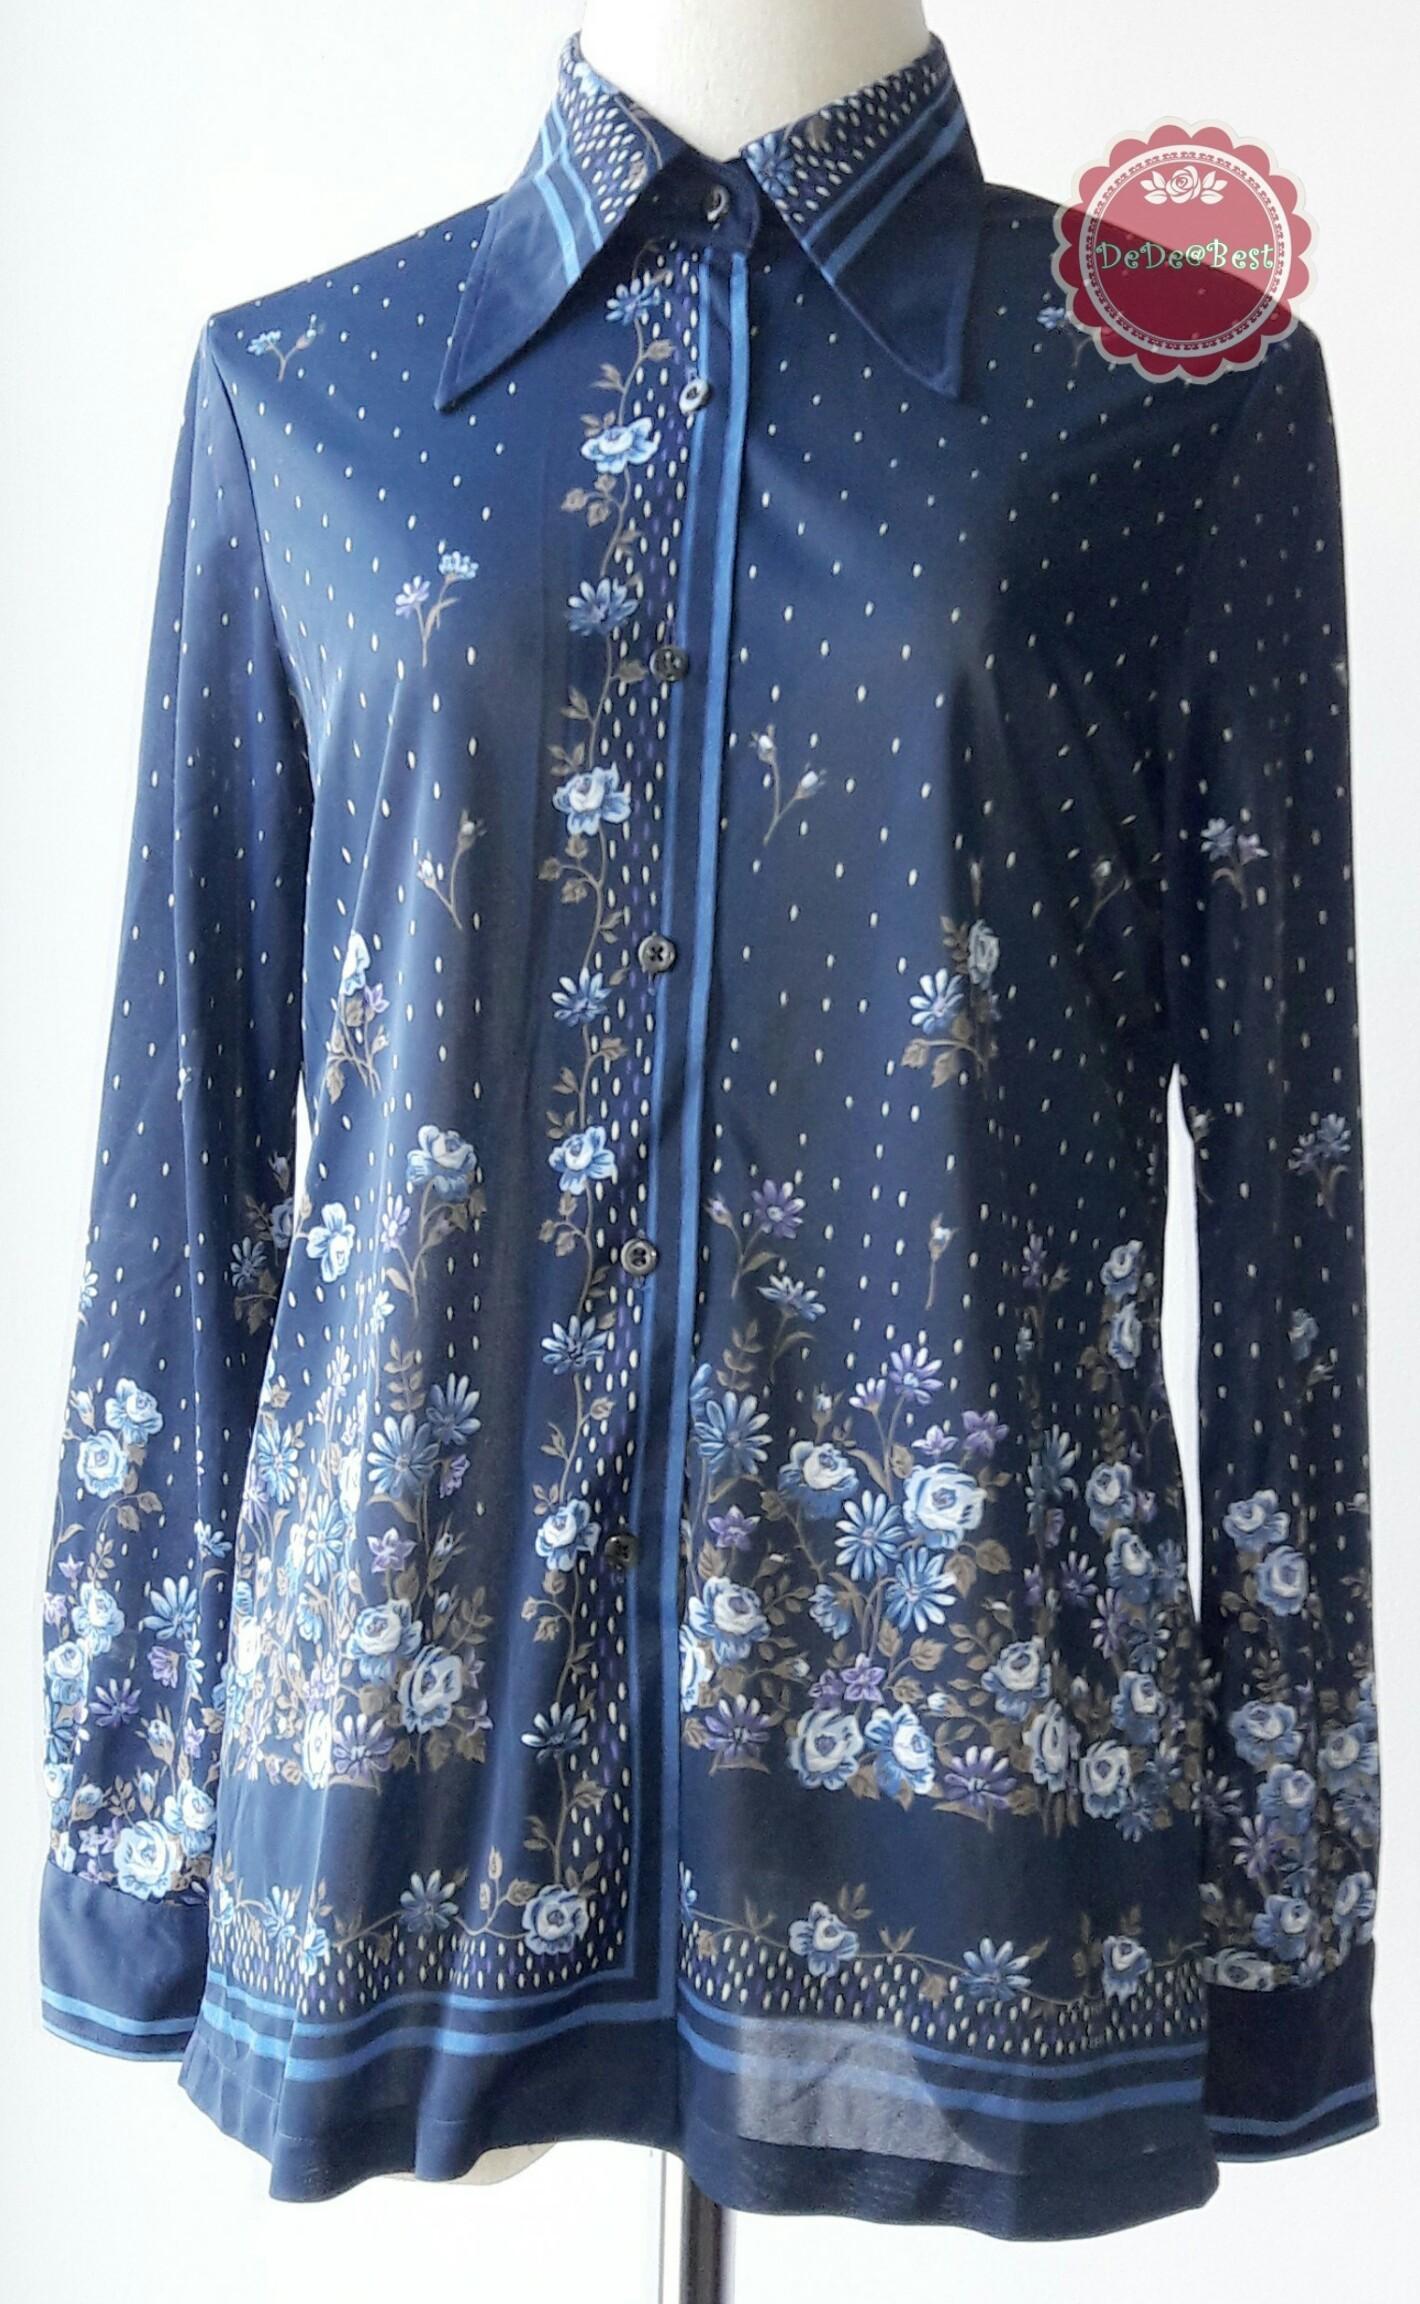 ขายแล้วค่ะ T66:Vintage top เสื้อวินเทจสีน้ำเงินลายดอกไม้&#x2764